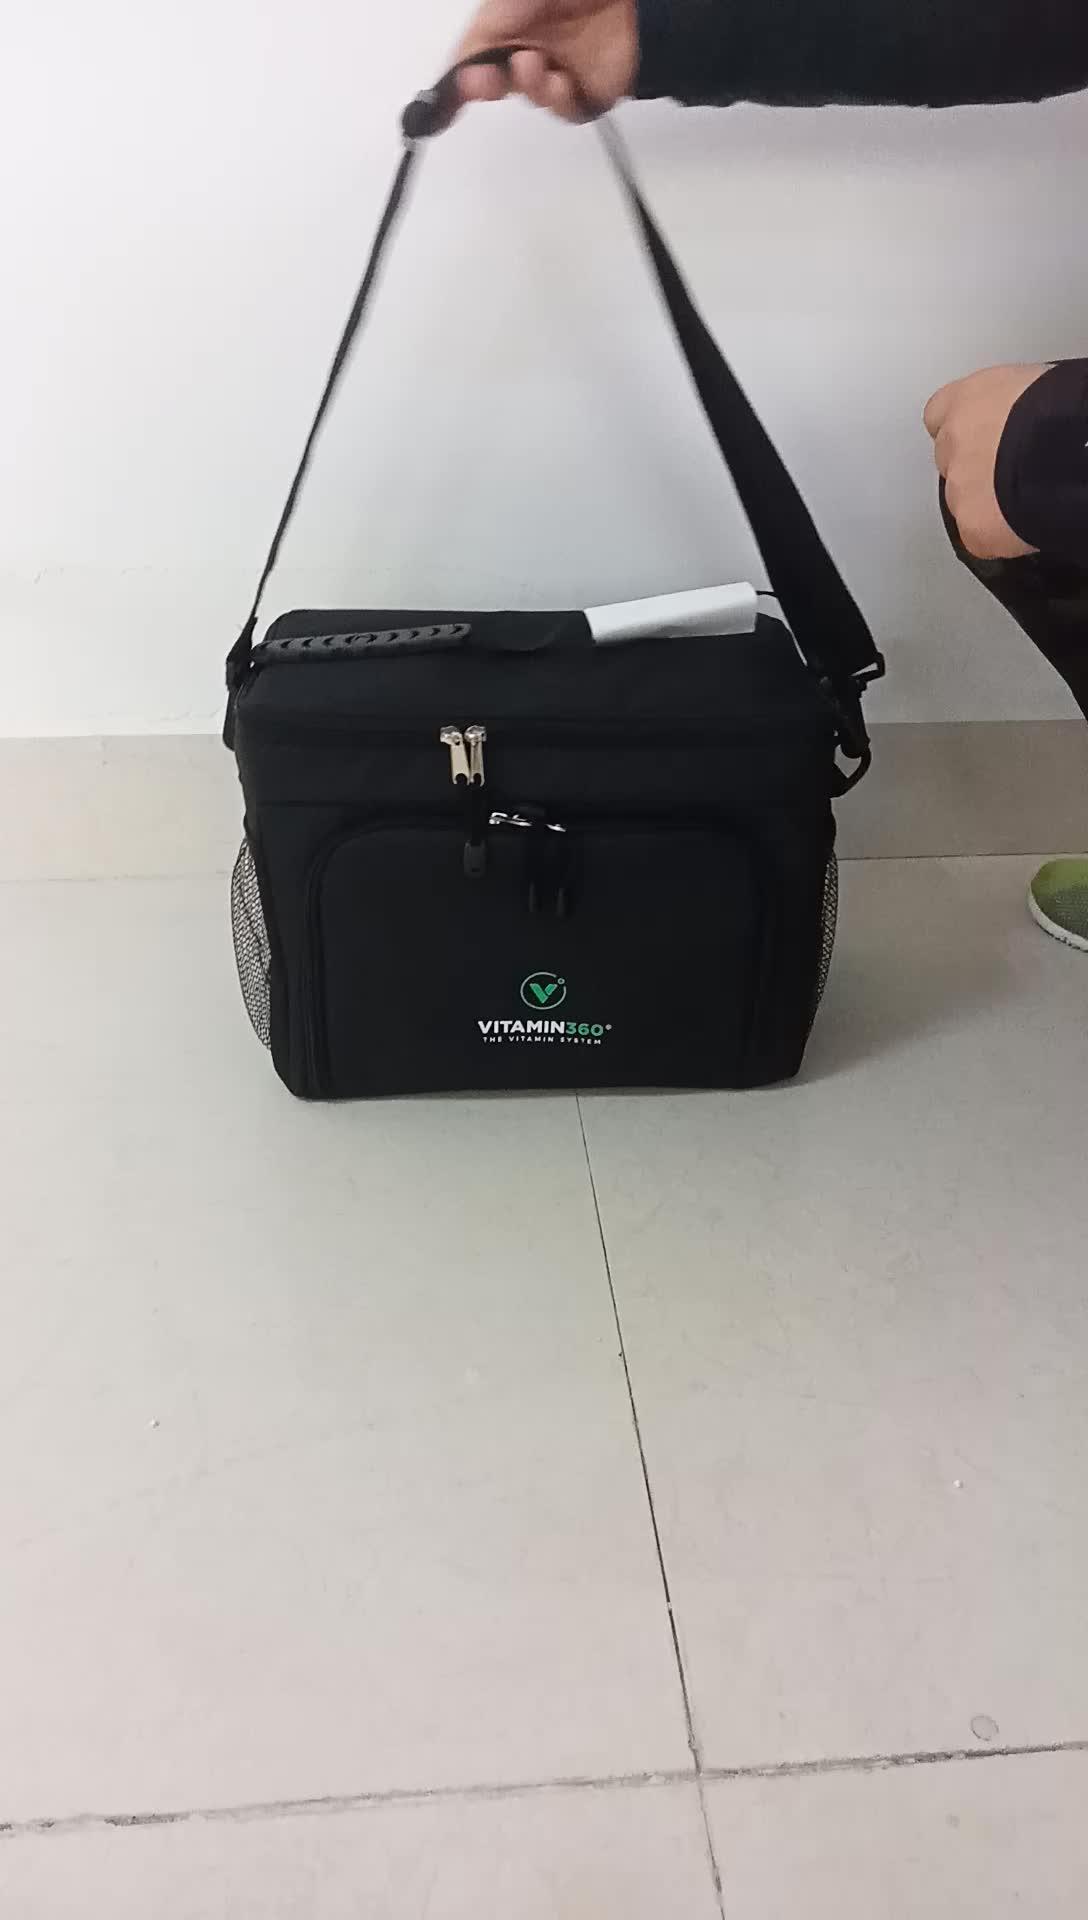 6er Pack Fitness Meal Prep Bag von Exbag - Isolierte Brotdose mit 6 BPA-freien Kontrollbehältern